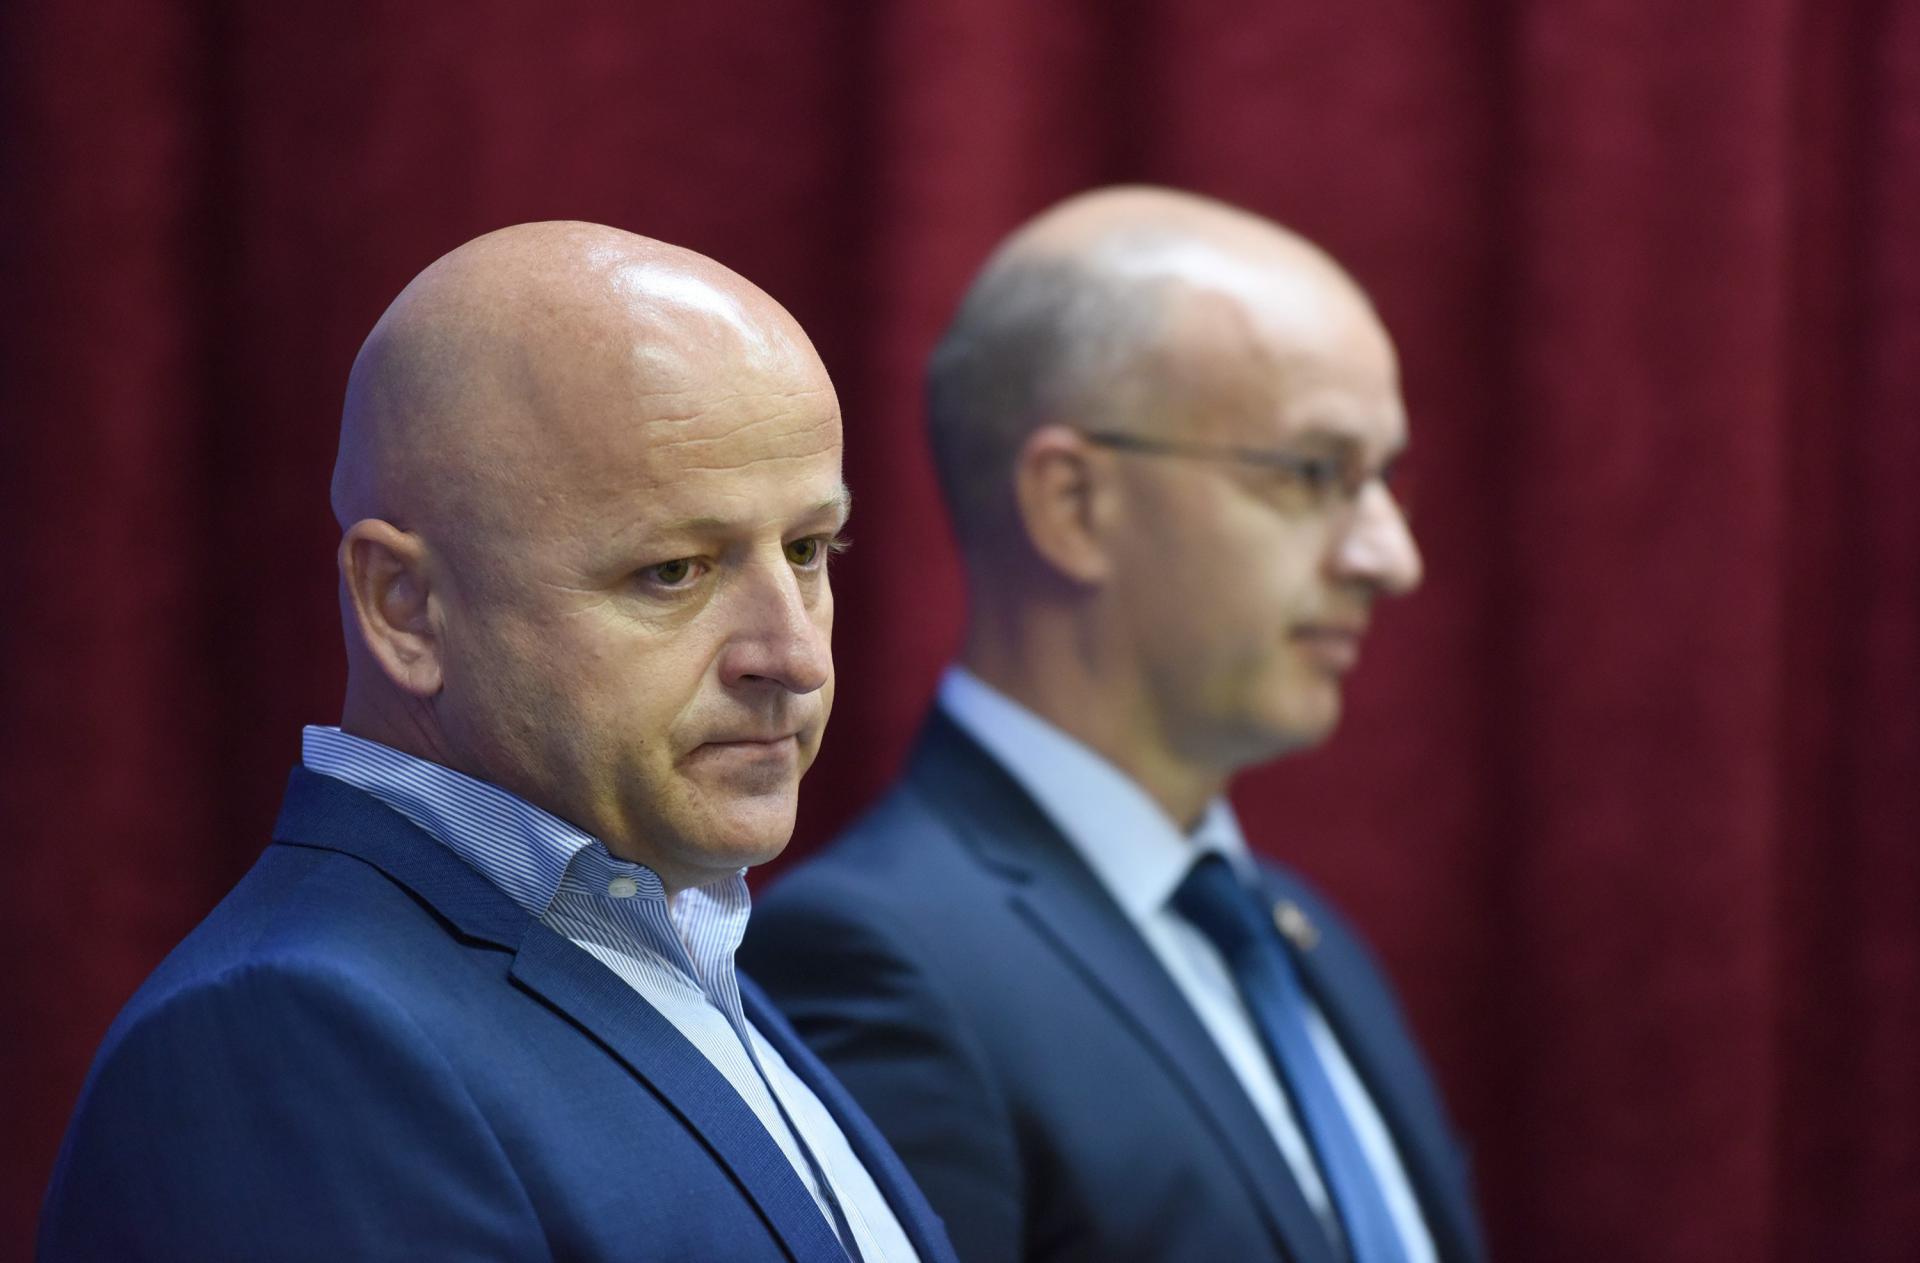 Načelnik PU zadarske Anton Dražina smjenio Boru Mršića i premjestio ga na radno mjesto niže složenosti